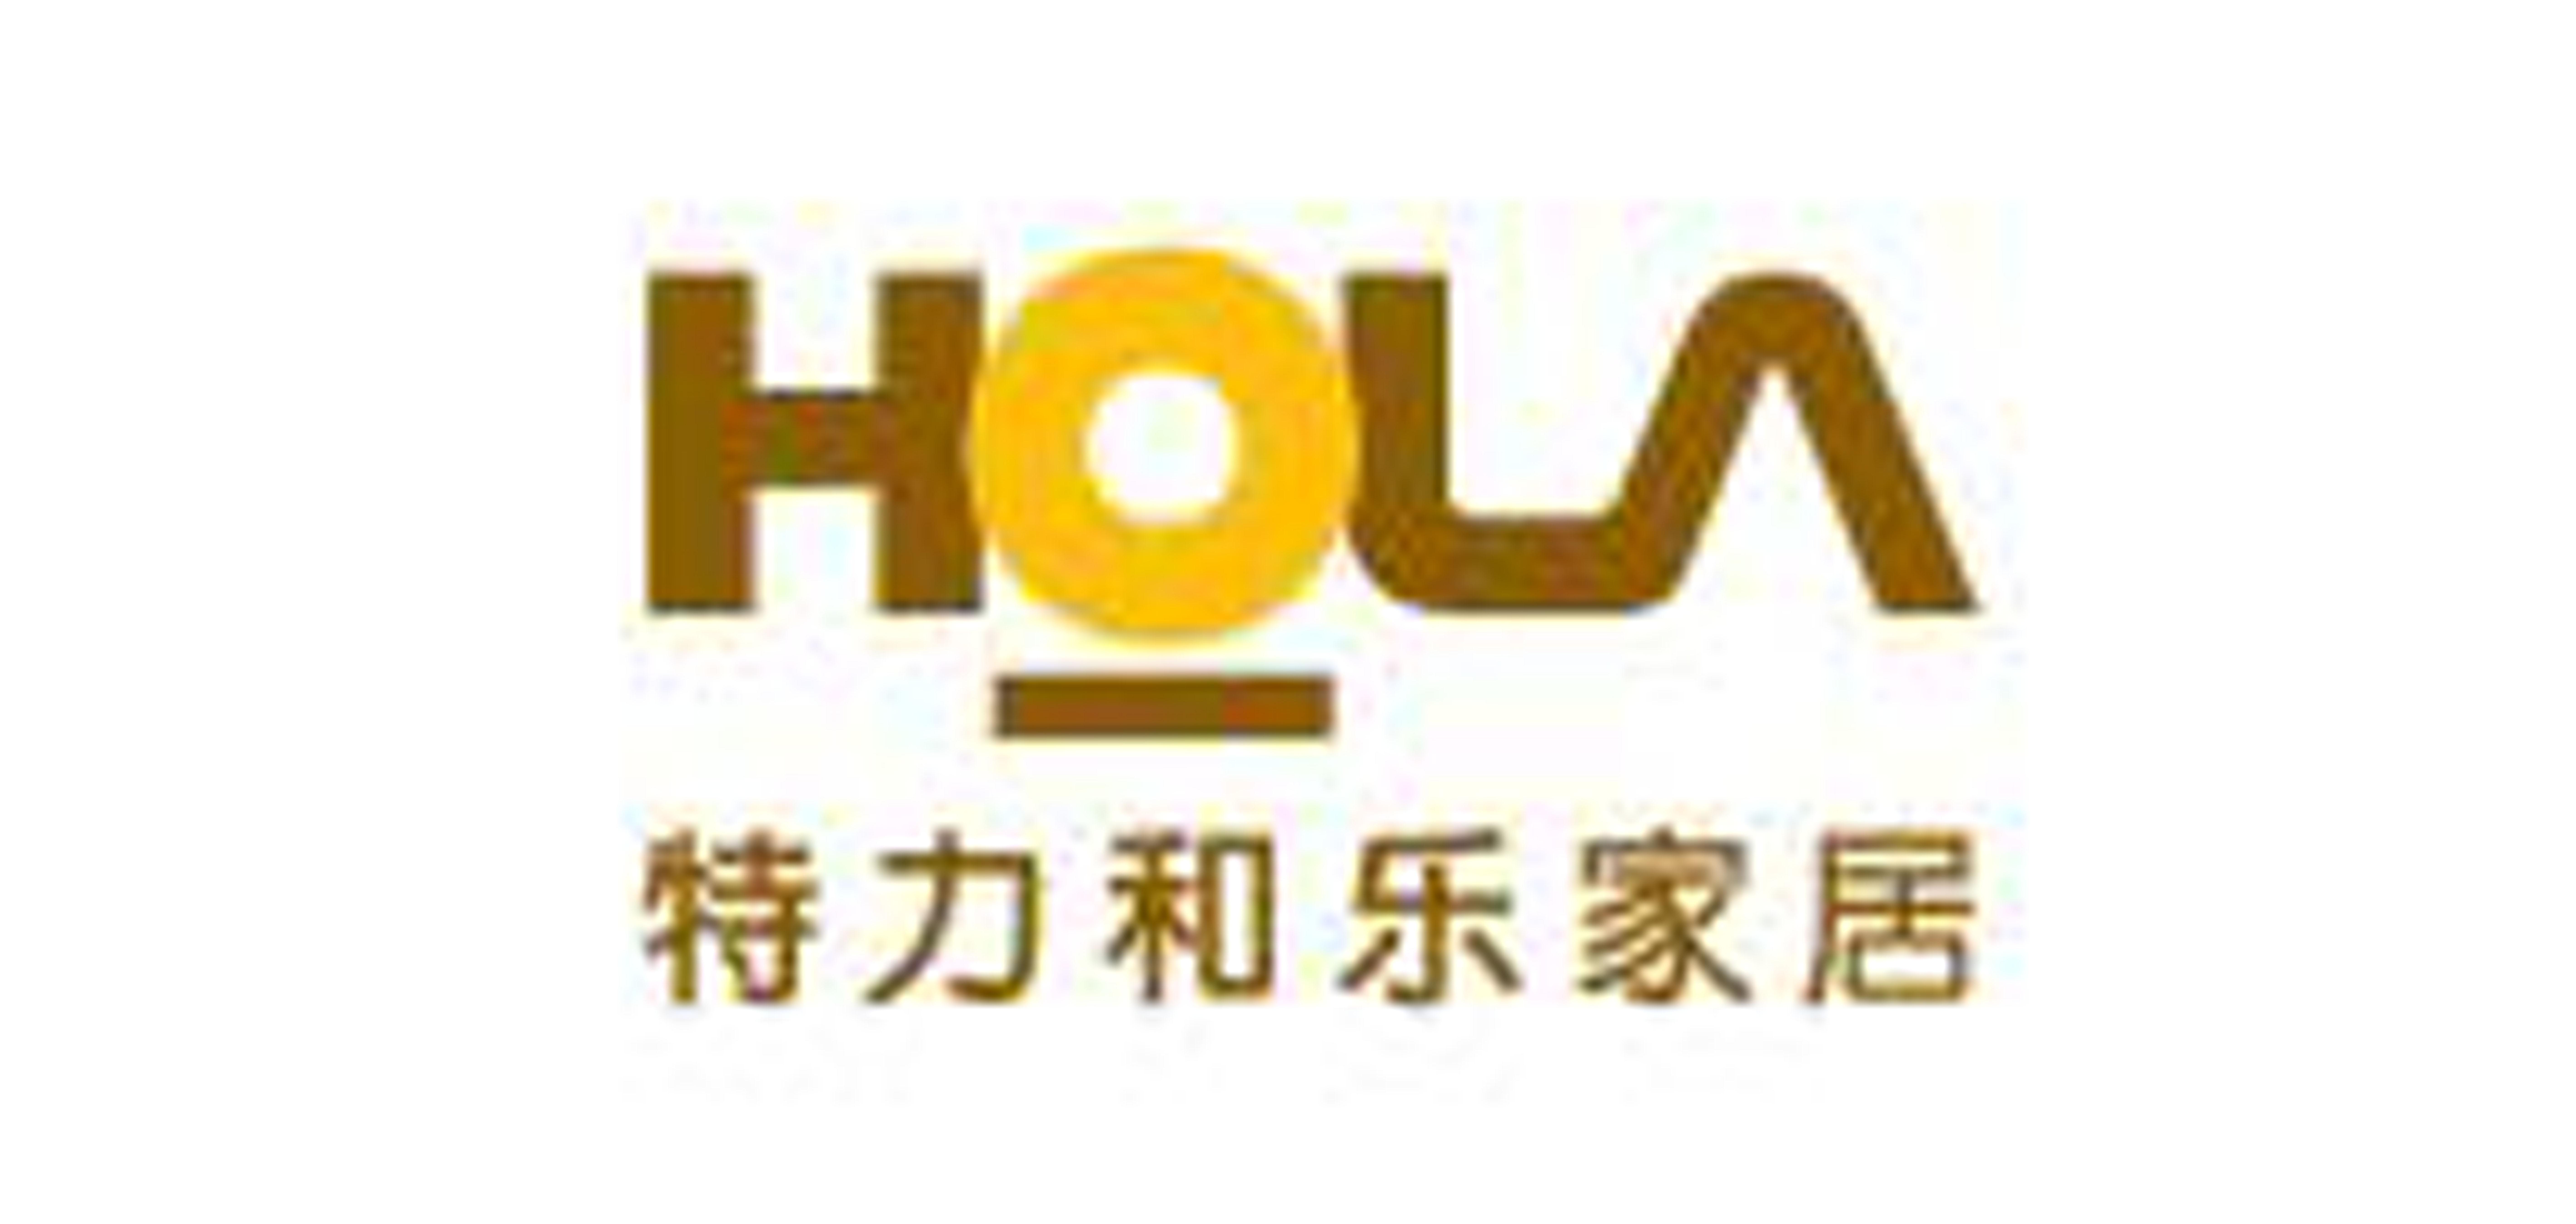 Holahome是什么牌子_特力和乐品牌怎么样?